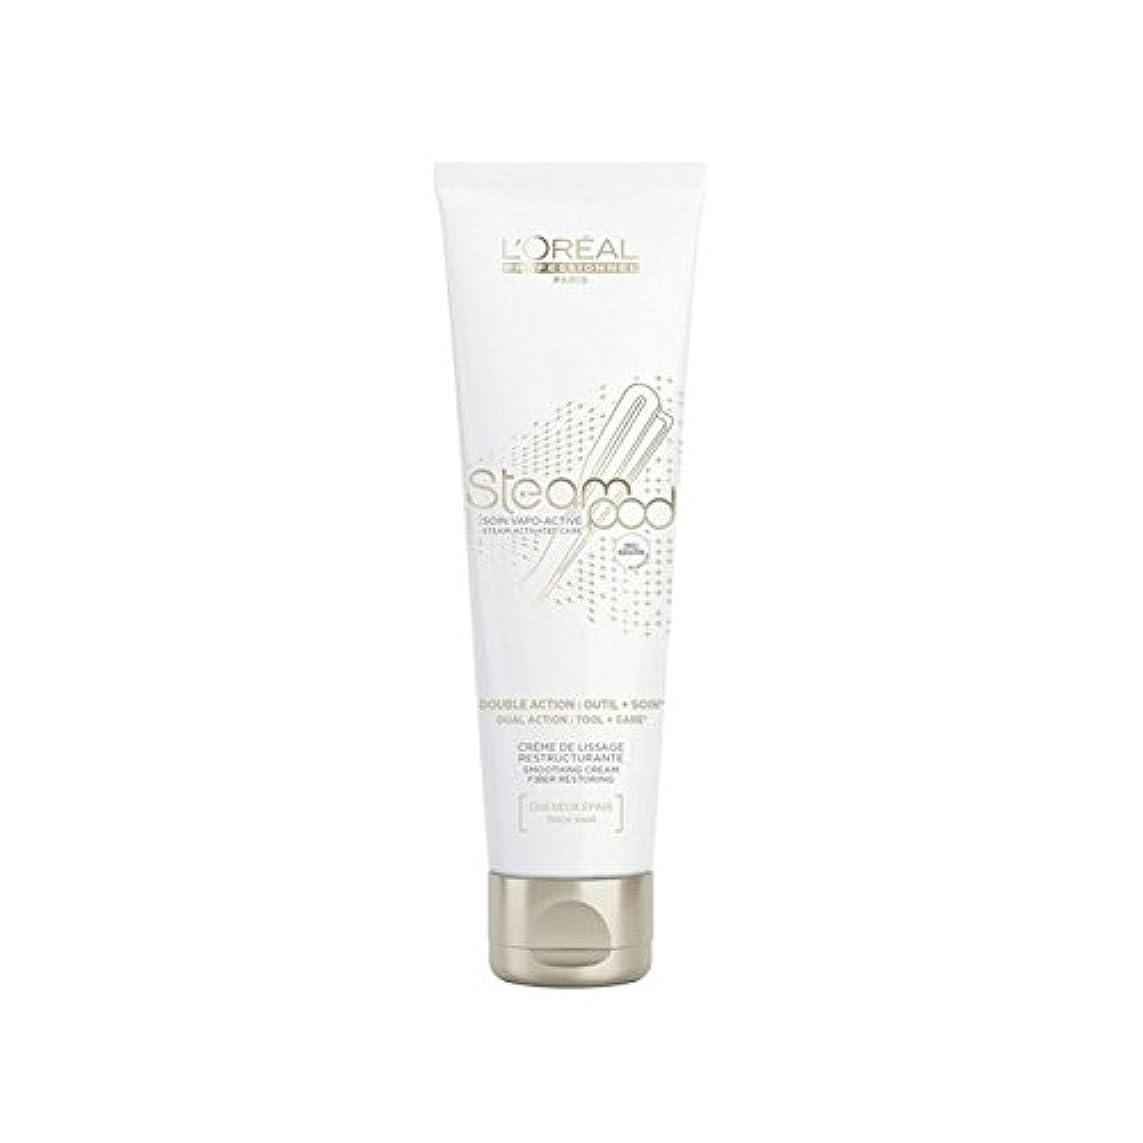 ヘルメットモロニッククリームロレアルのプロフェッショナルは敏感濃厚なクリーム(150ミリリットル)を x2 - L'Oreal Professionnel Steampod Sensitive Thick Cream (150ml) (Pack of 2) [並行輸入品]